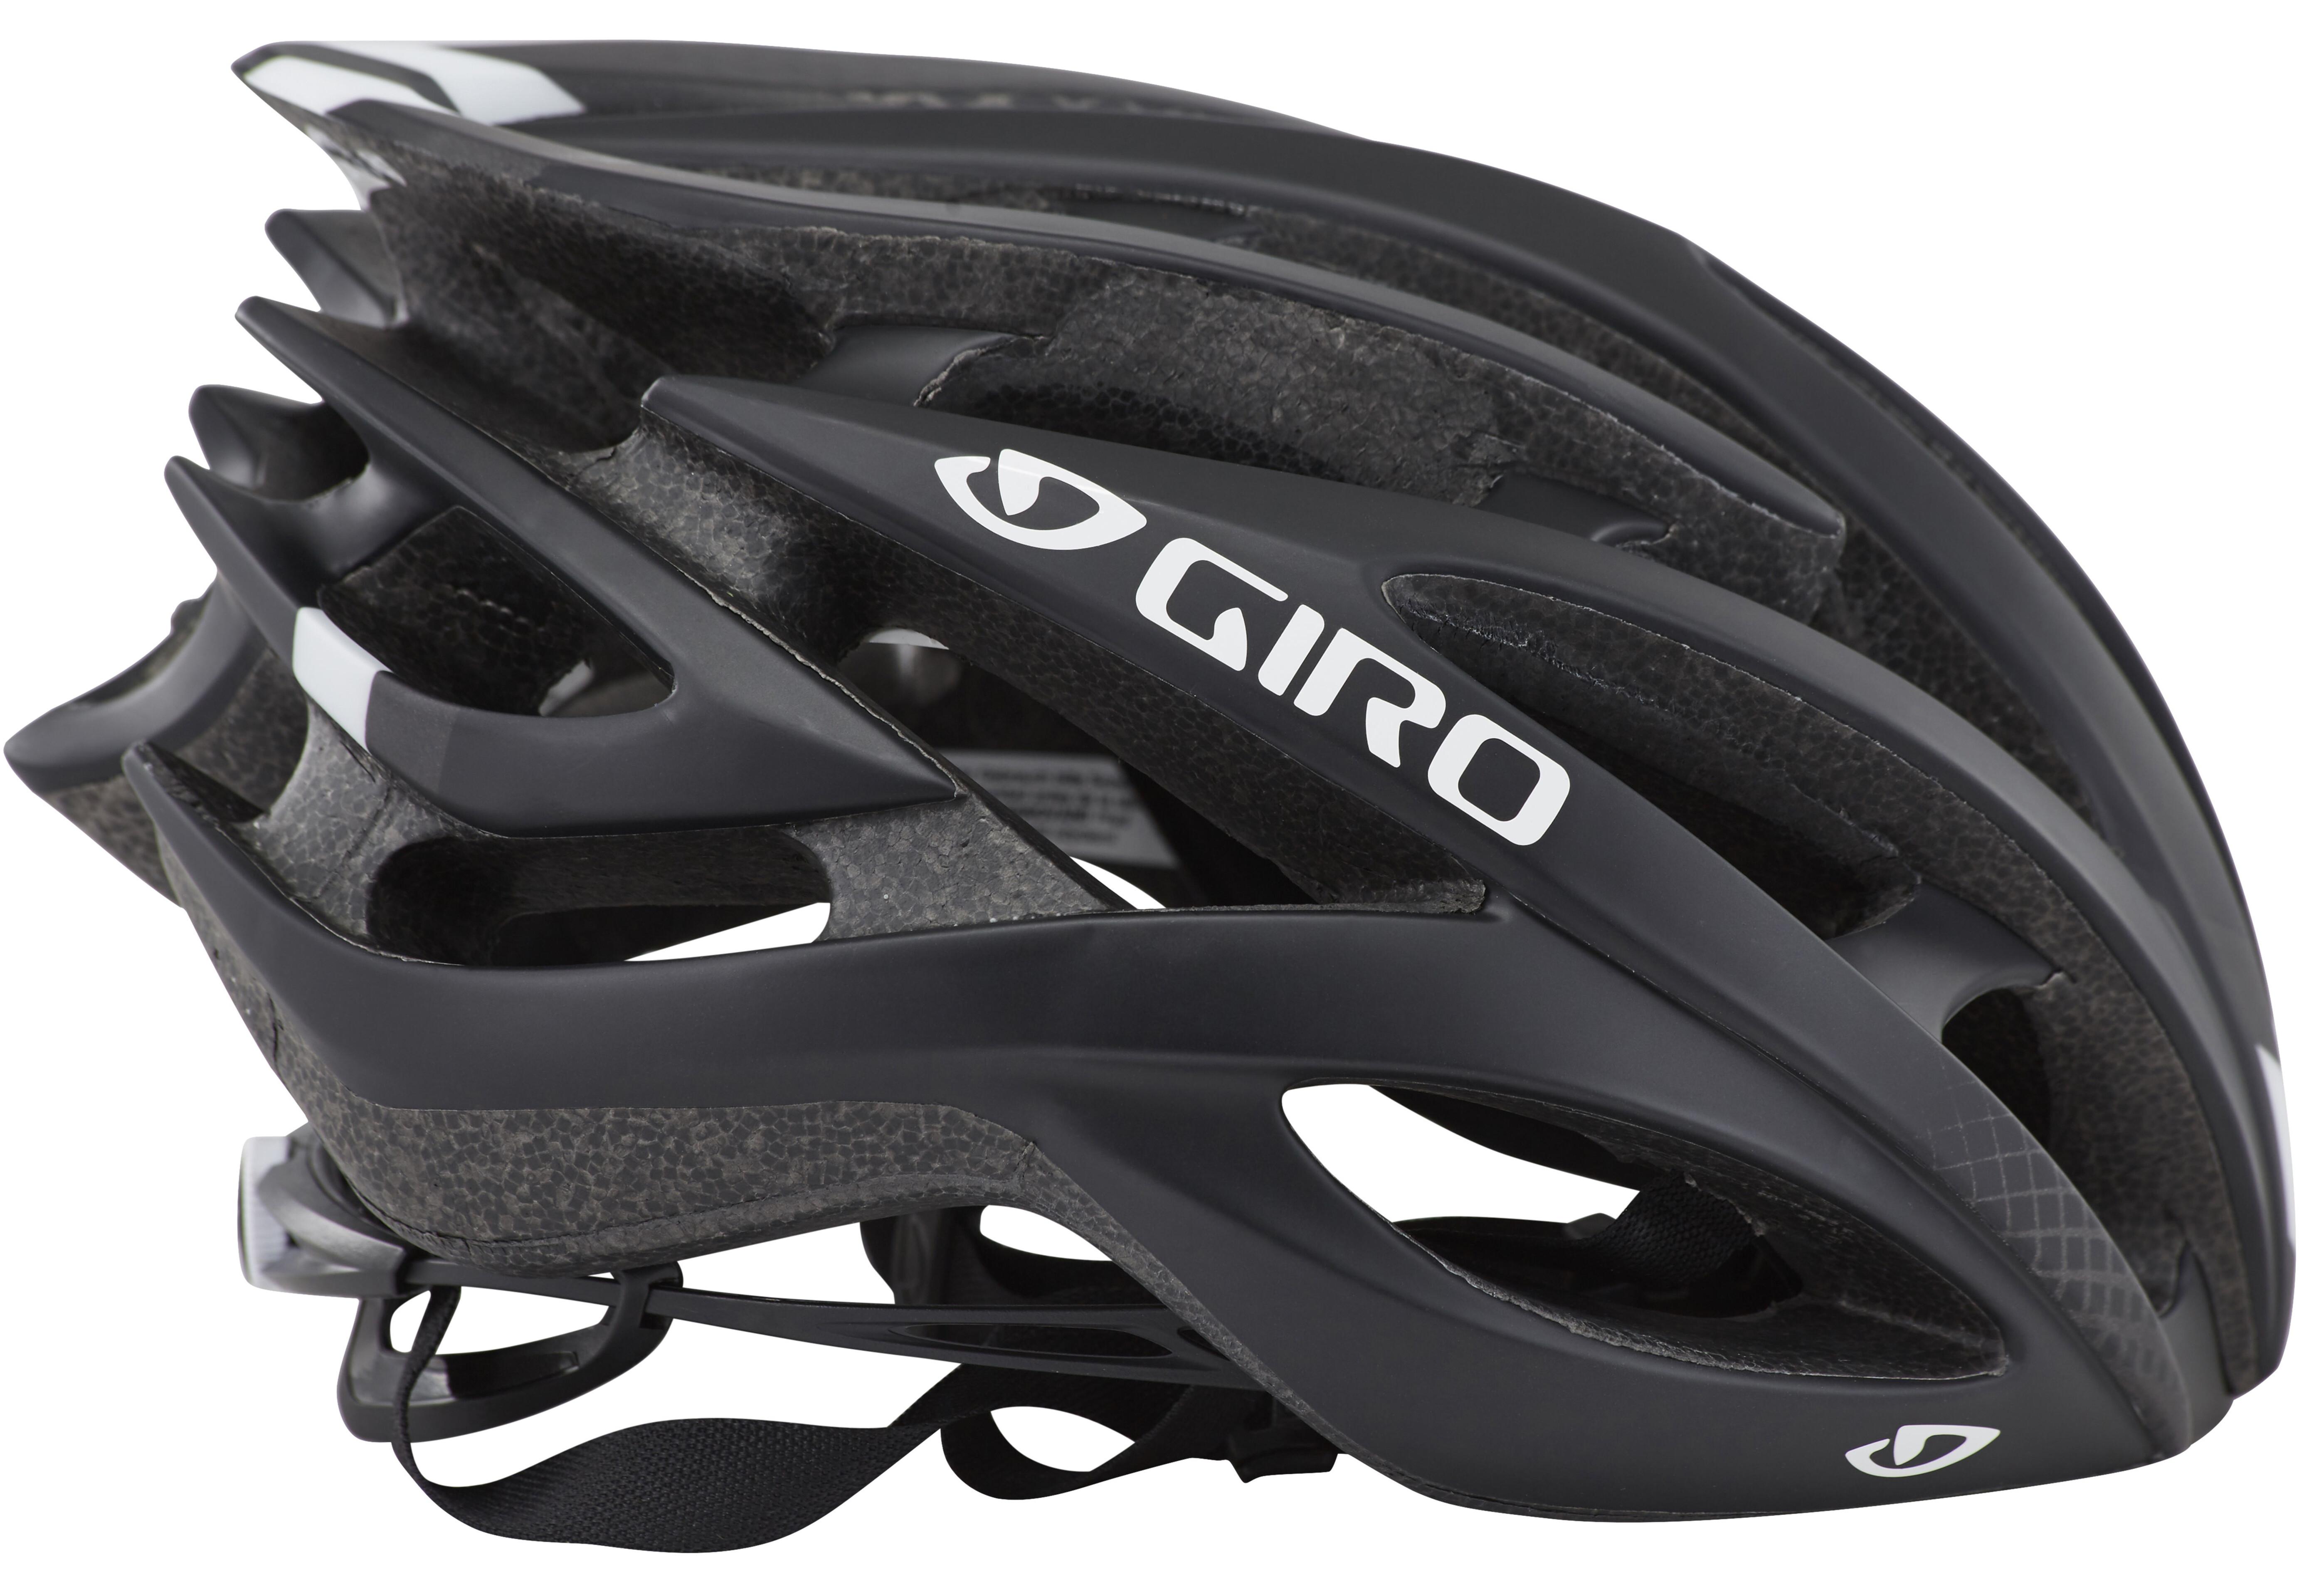 3077da6511e4b Giro Atmos II - Casco de bicicleta - negro